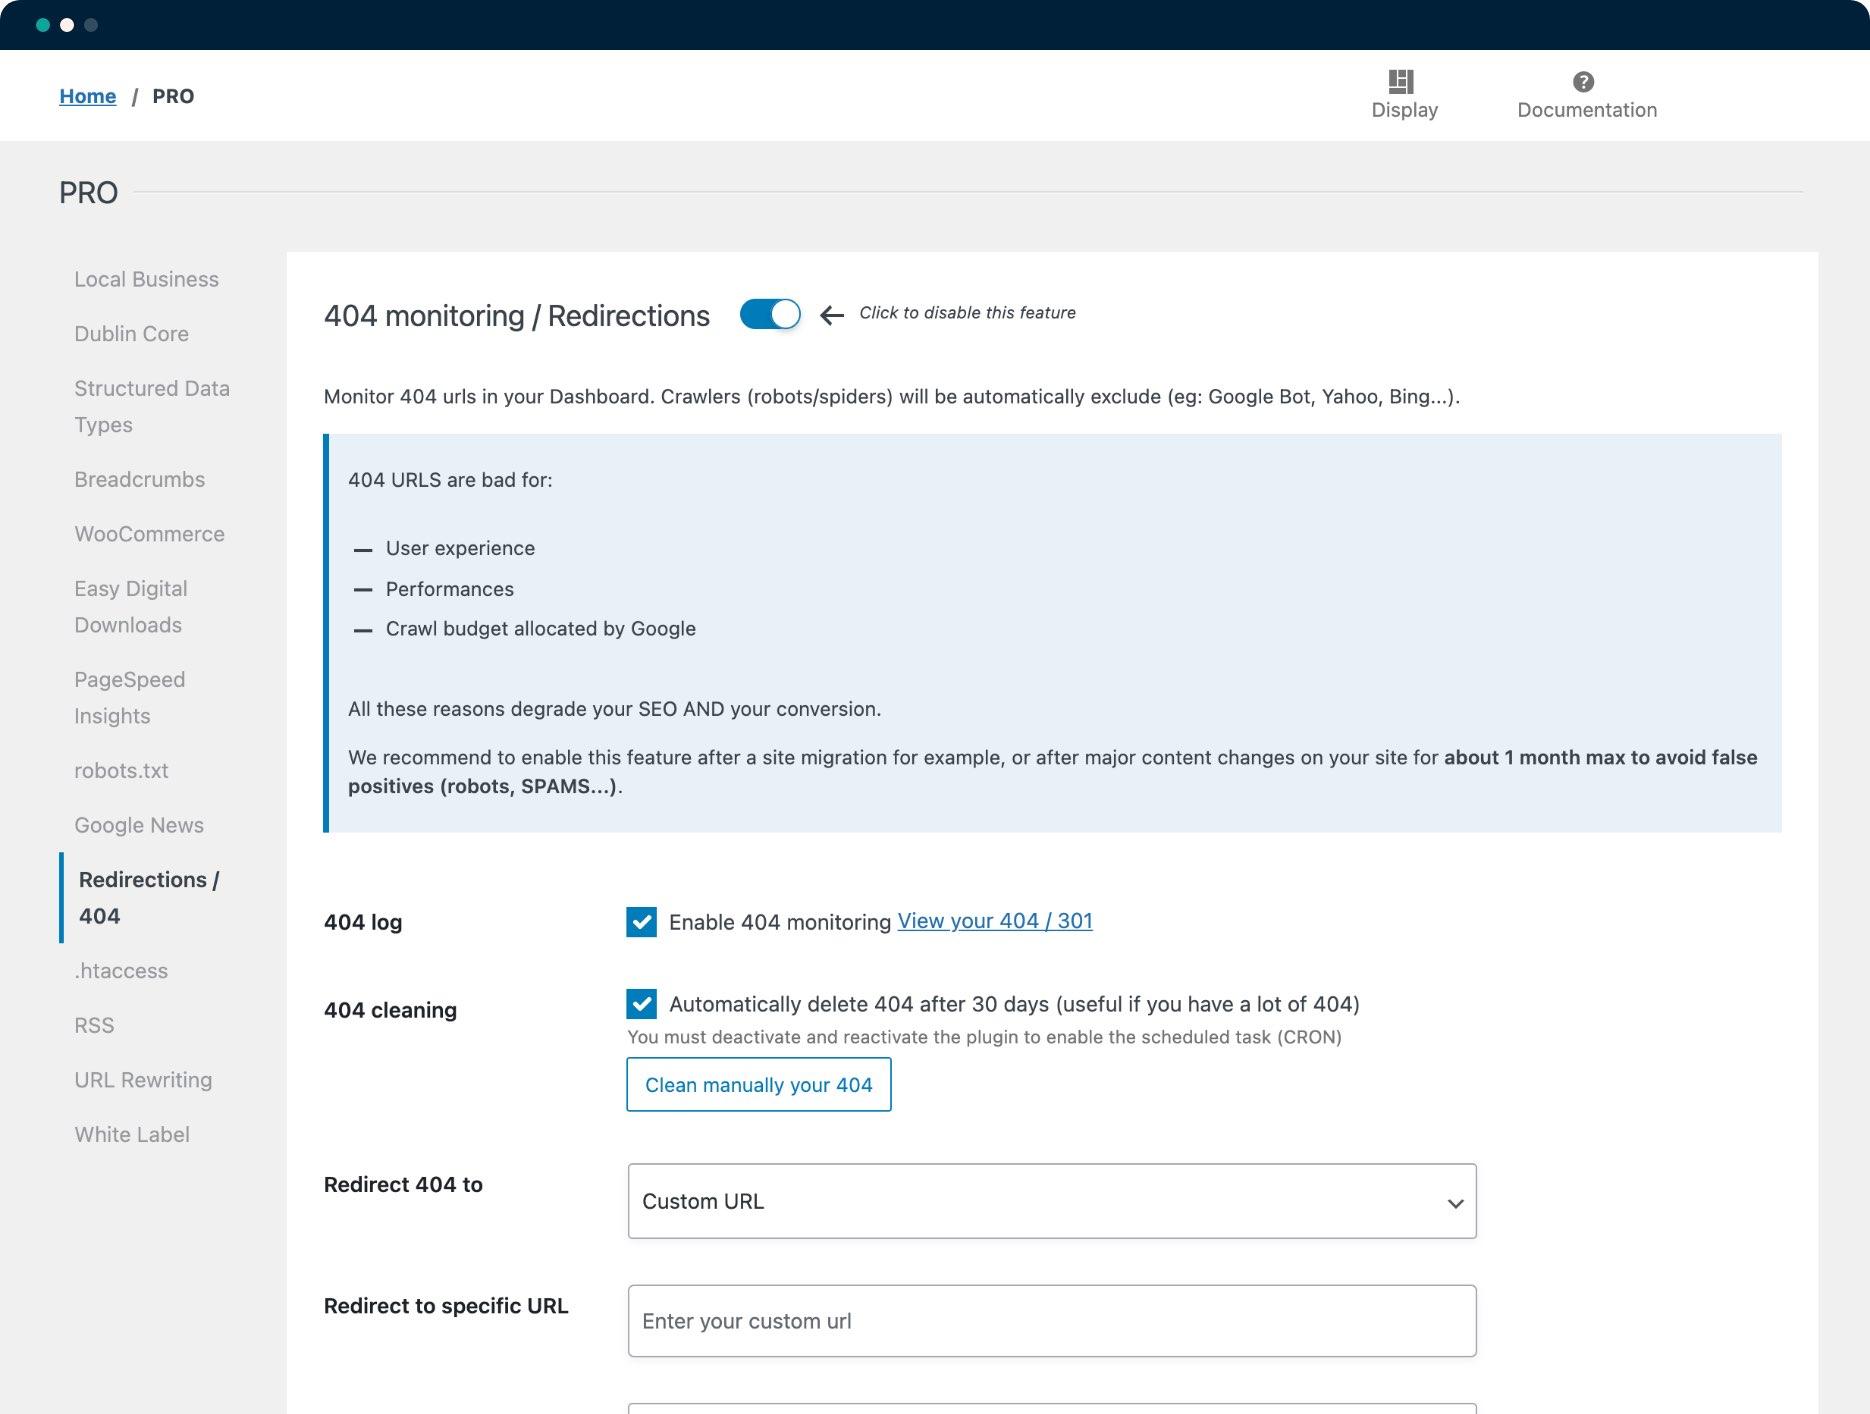 Configuración de supervisión y redirecciones 404 - SEOPress